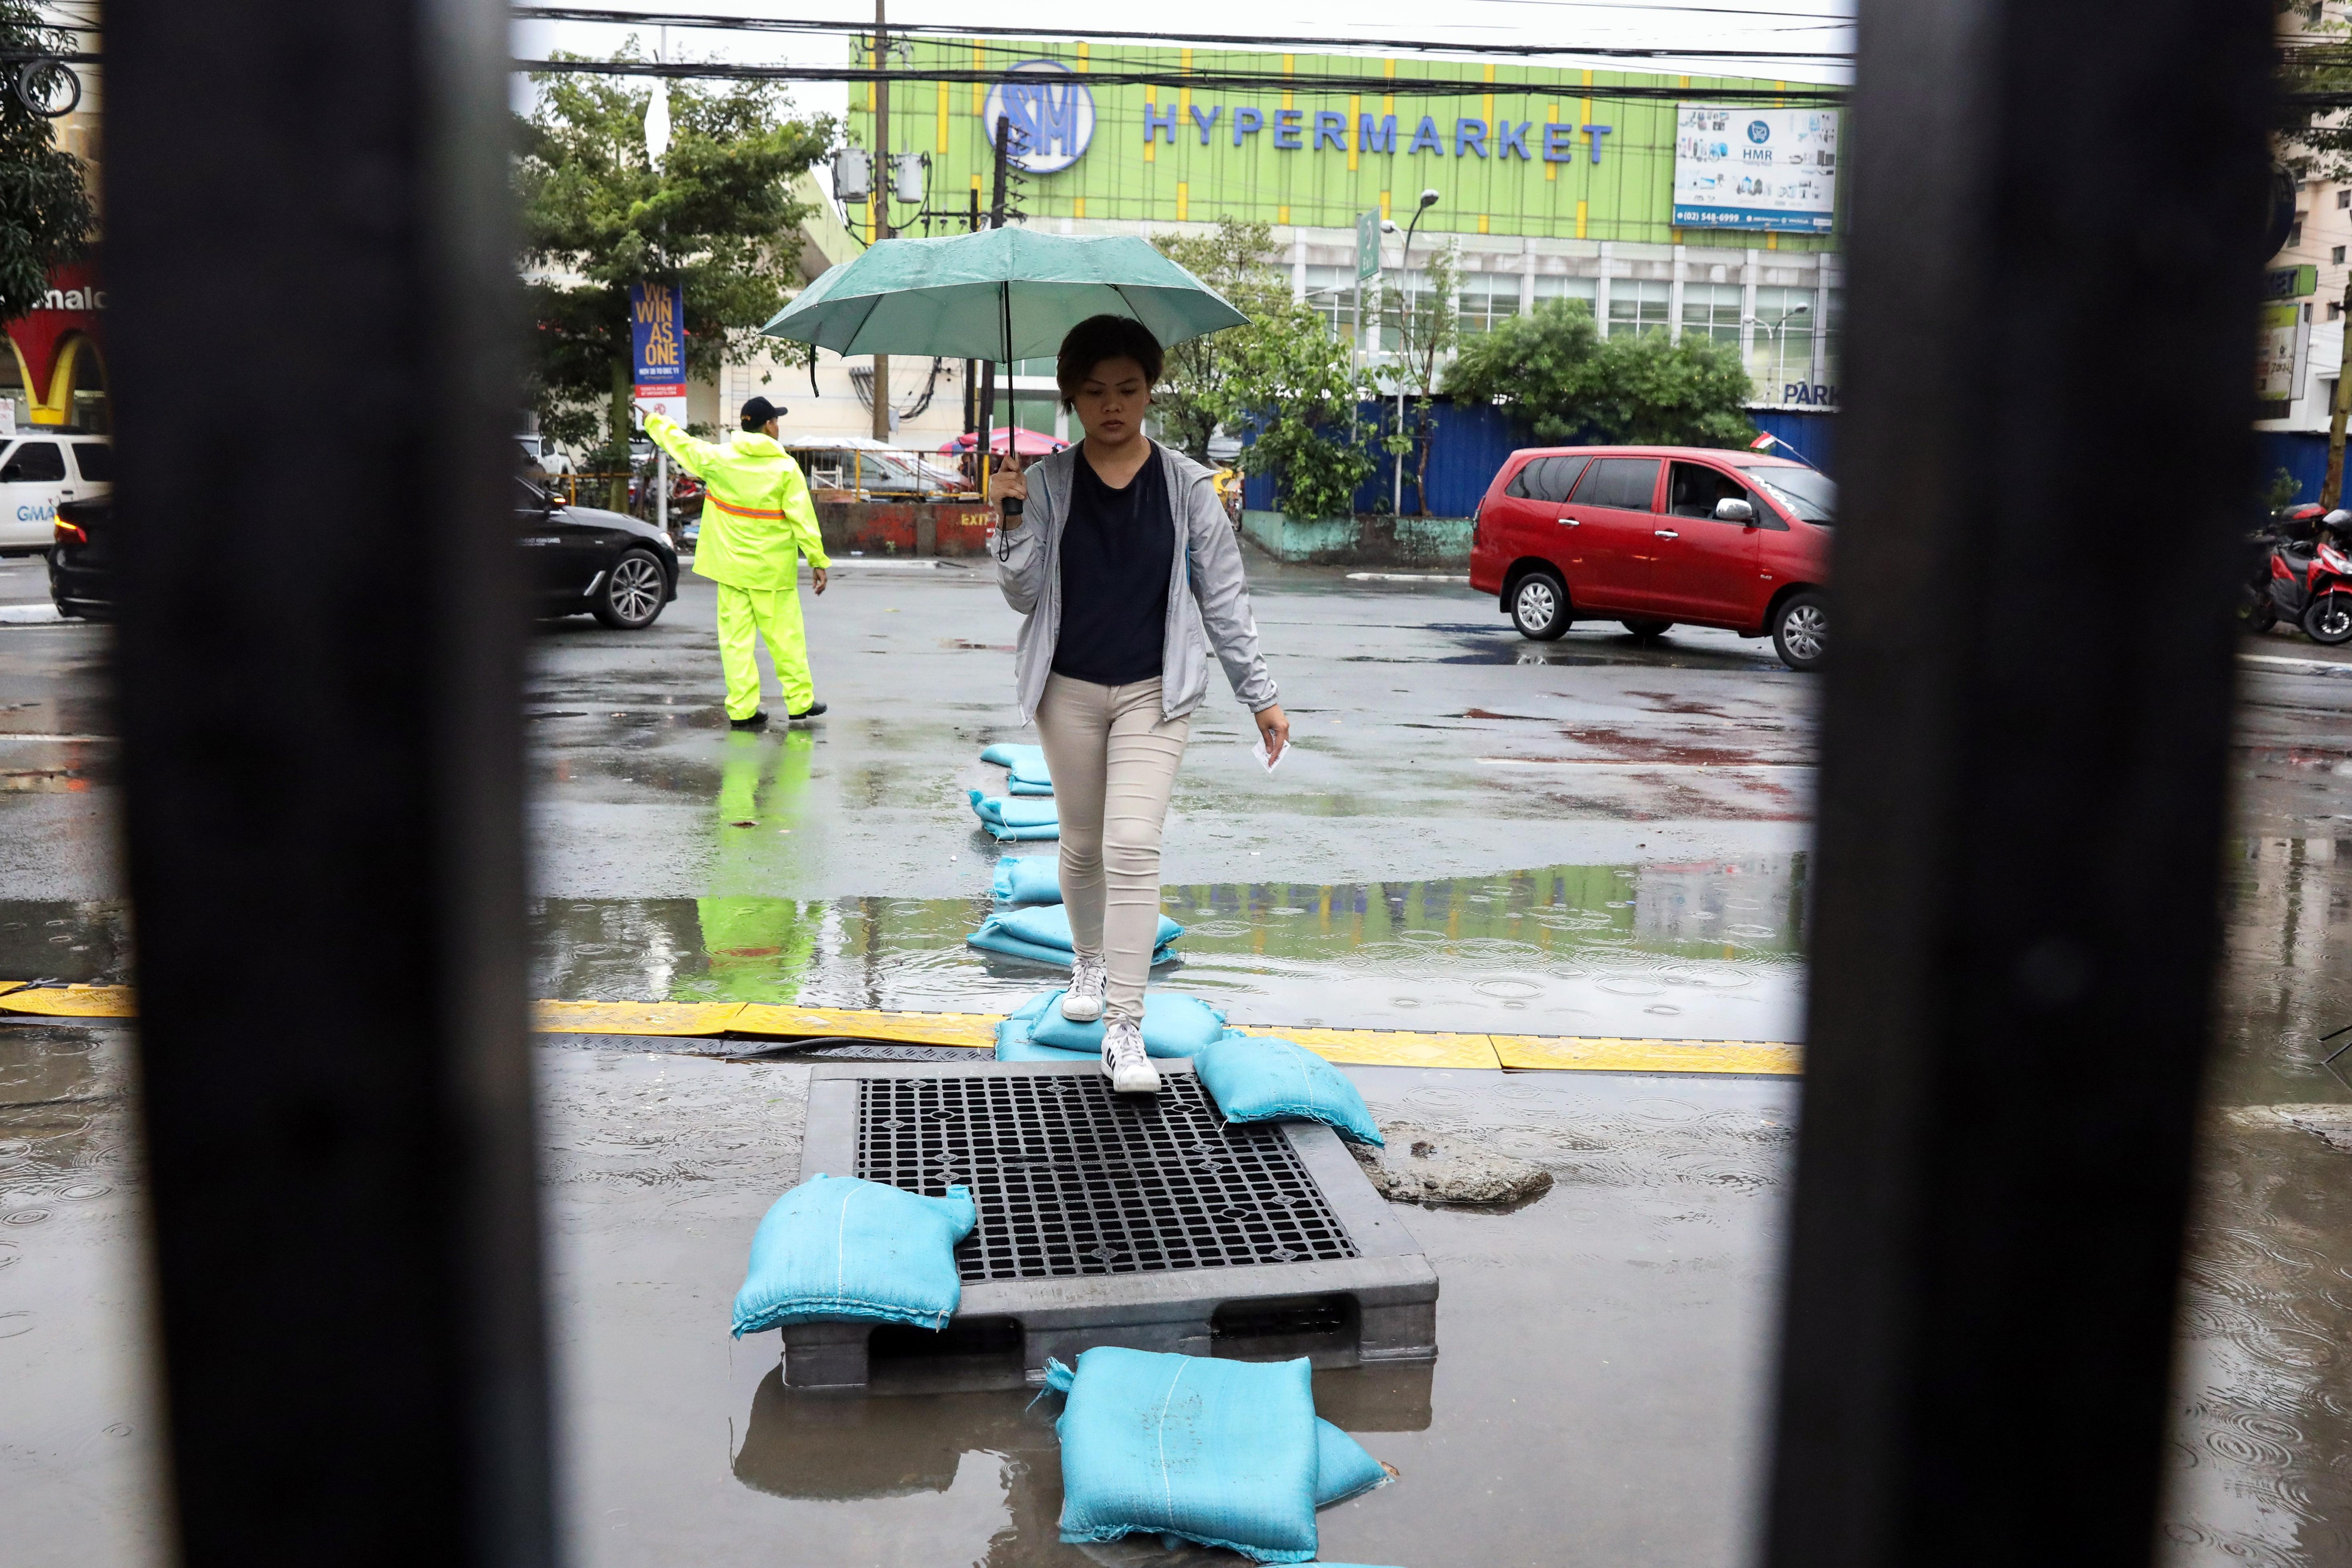 """Късно в понеделник вечер тайфунът Камури удари Филипините със силни дъждове, които наводниха столицата в Манила. Според вестник """"Филипинска звезда"""" броят на евакуираните в страната надхвърли 225 хиляди души."""